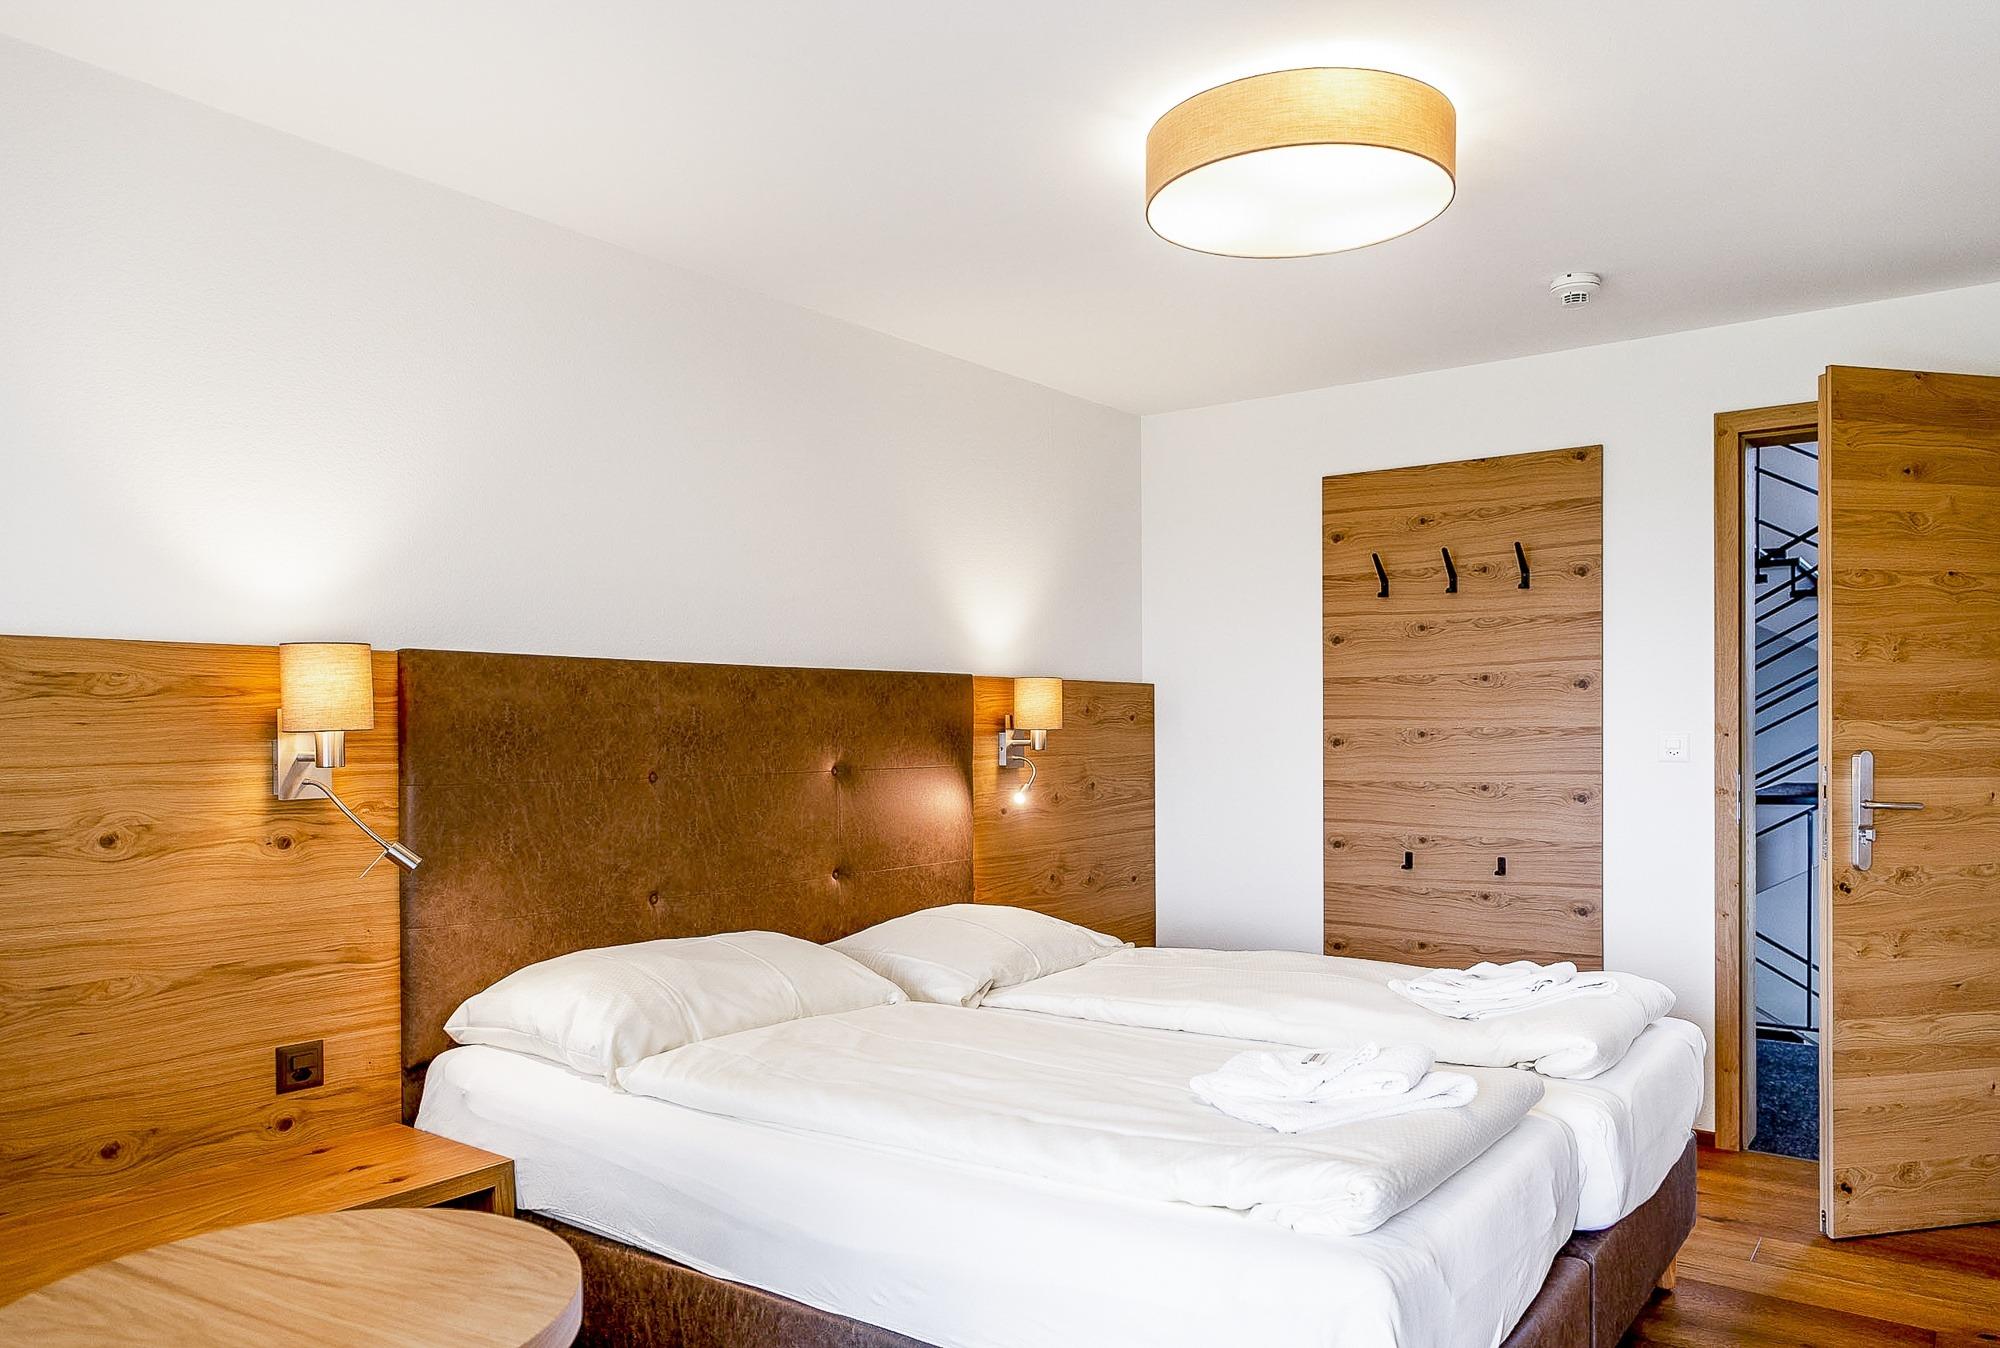 Seminarhotel_Chlotisberg_Doppelzimmer-Lavabo-Bearbeitet 04/Seminarhotel_Chlotisberg_Doppelzimmer-Lavabo-Bearbeitet